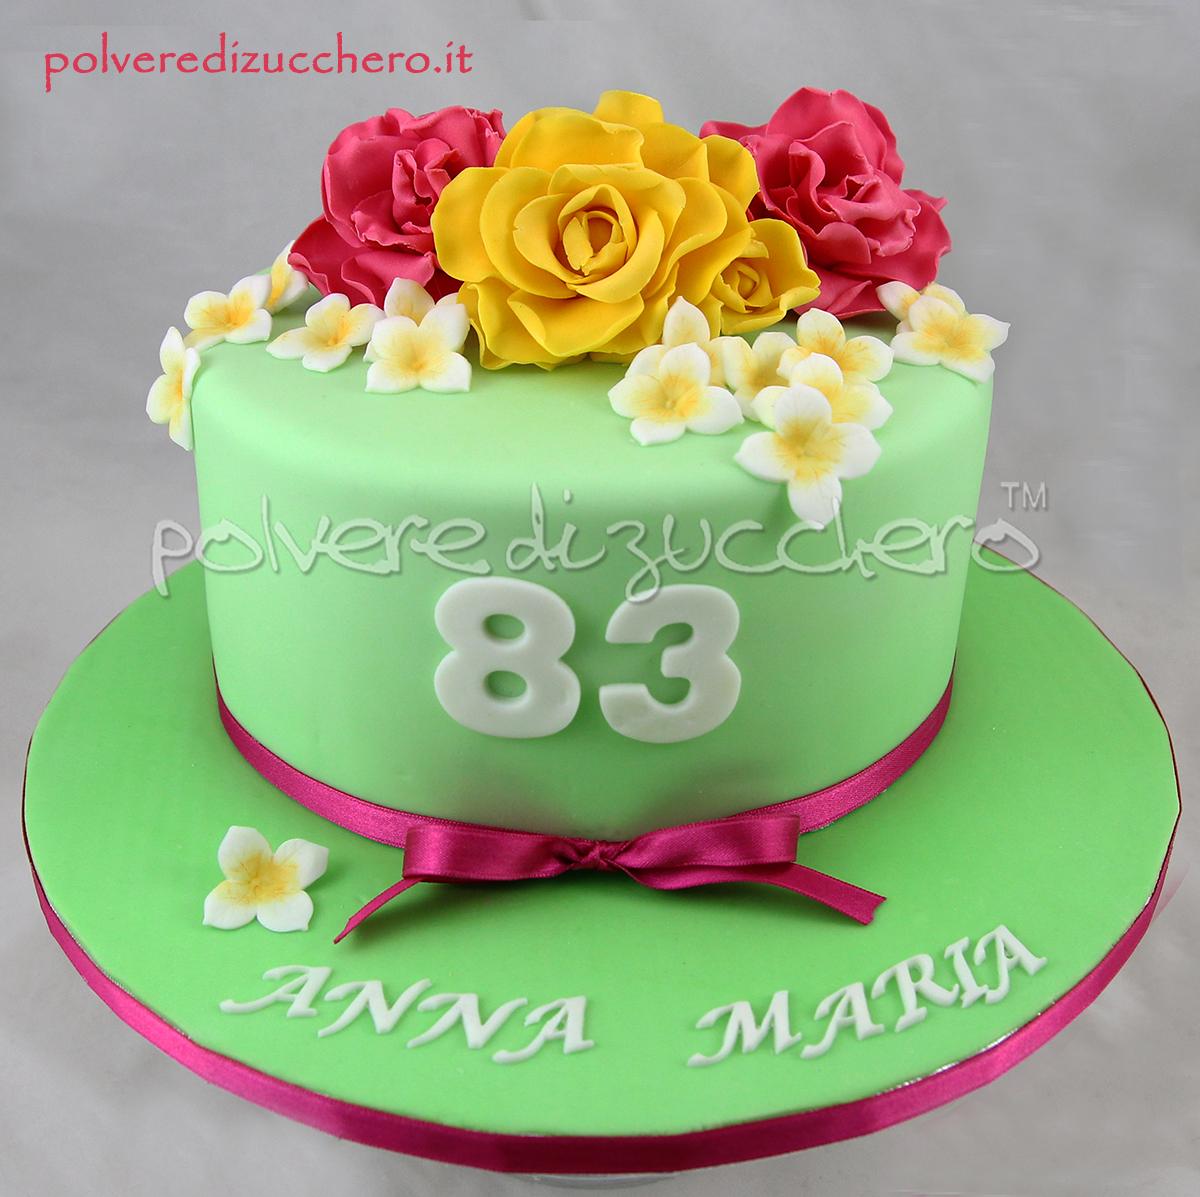 Torta Cake Design Torino : Torta di compleanno con fiori: rose gialle e fucsia in ...